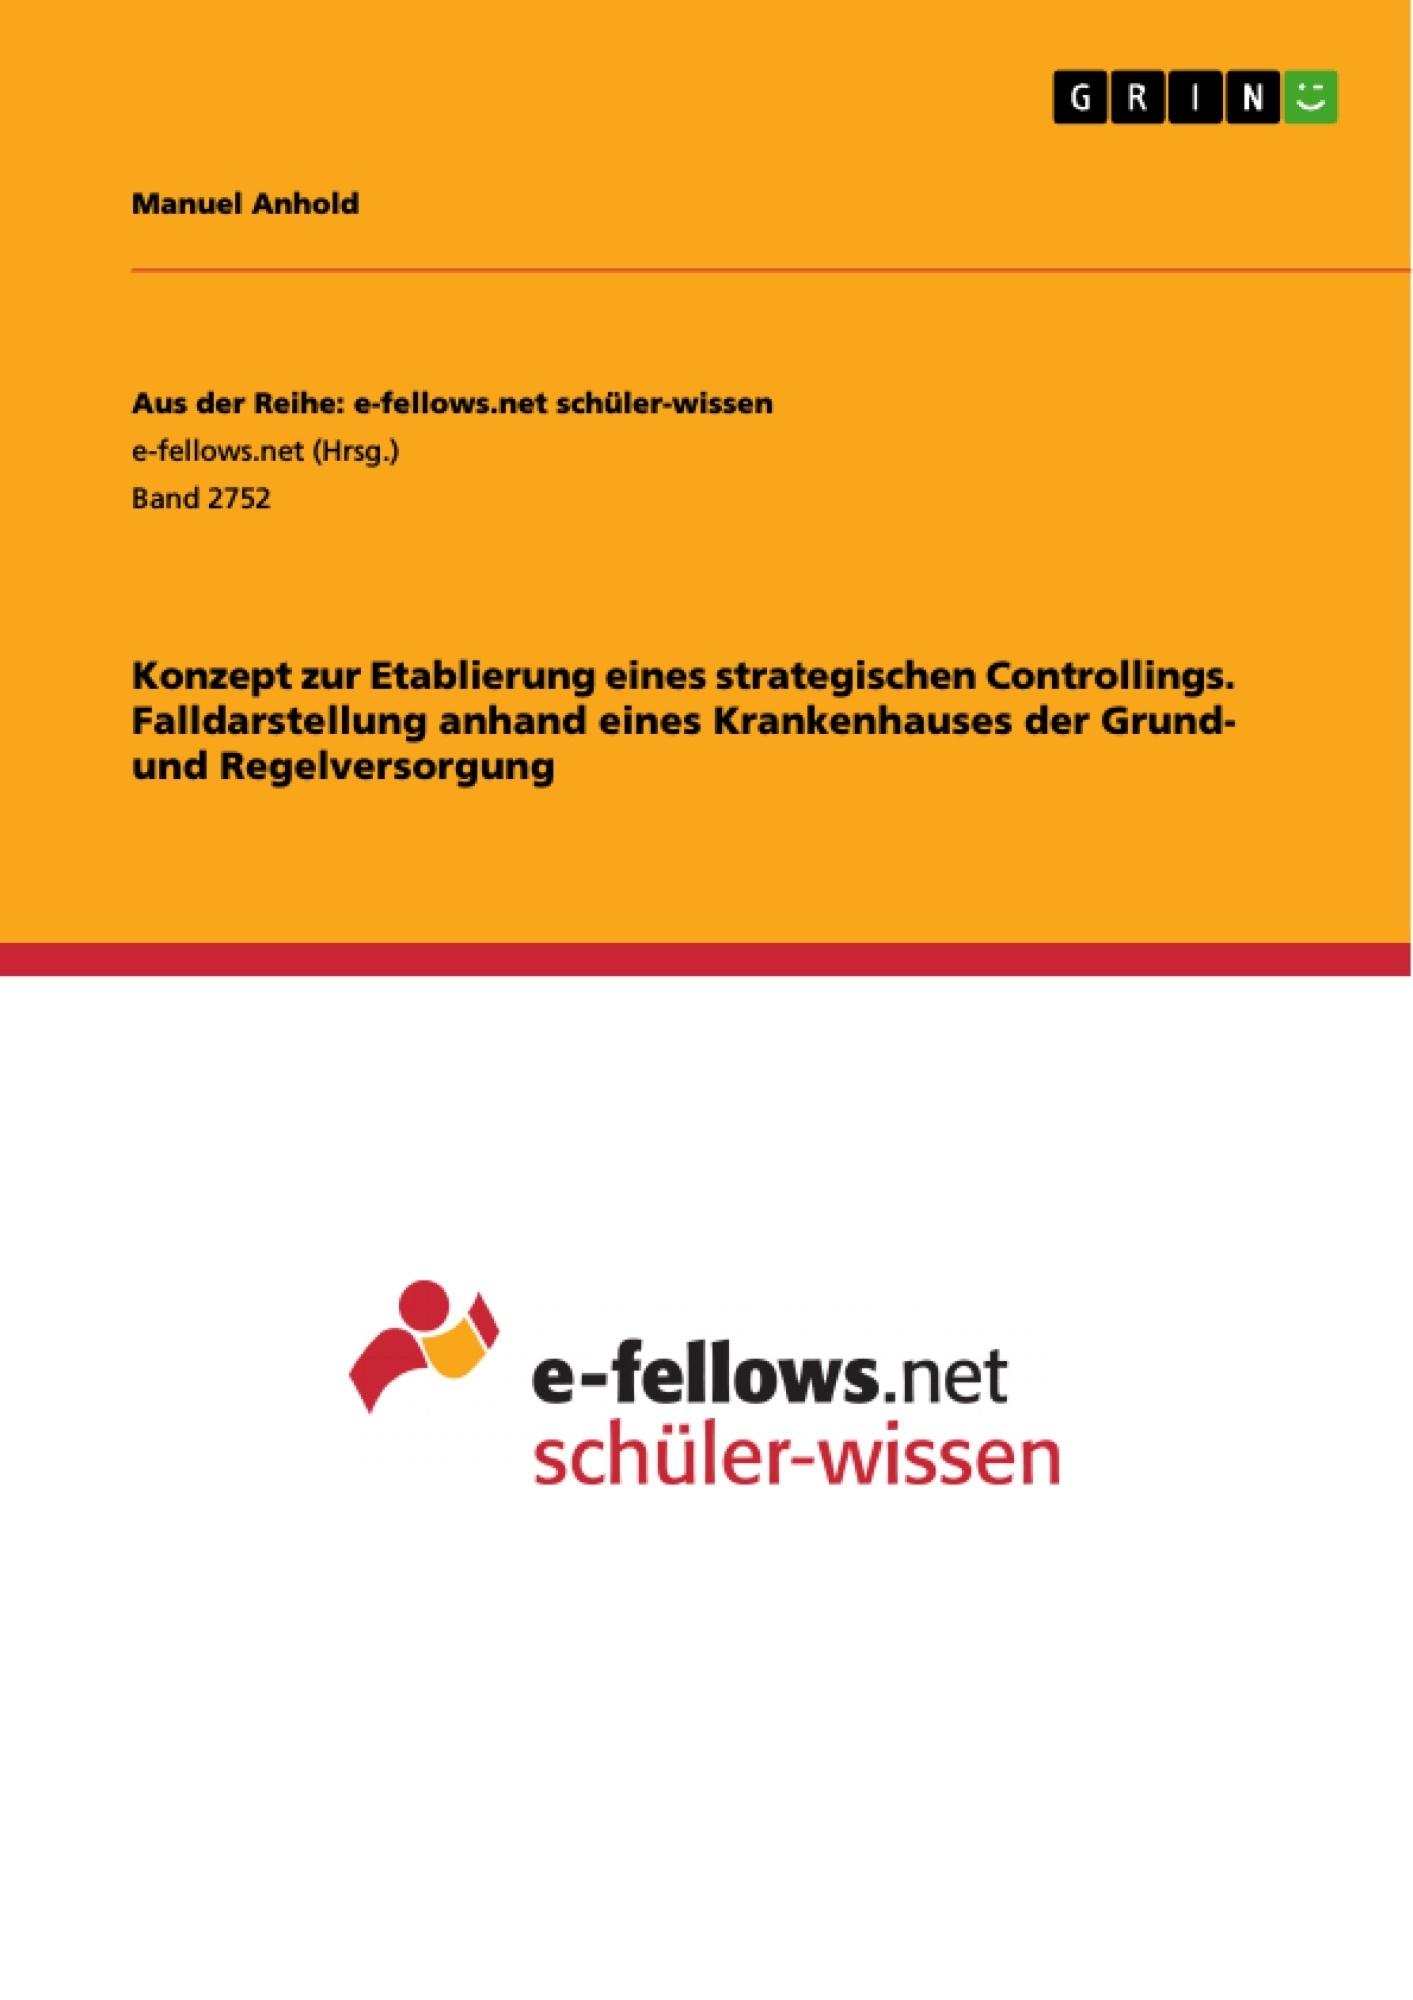 Titel: Konzept zur Etablierung eines strategischen Controllings. Falldarstellung anhand eines Krankenhauses der Grund- und Regelversorgung